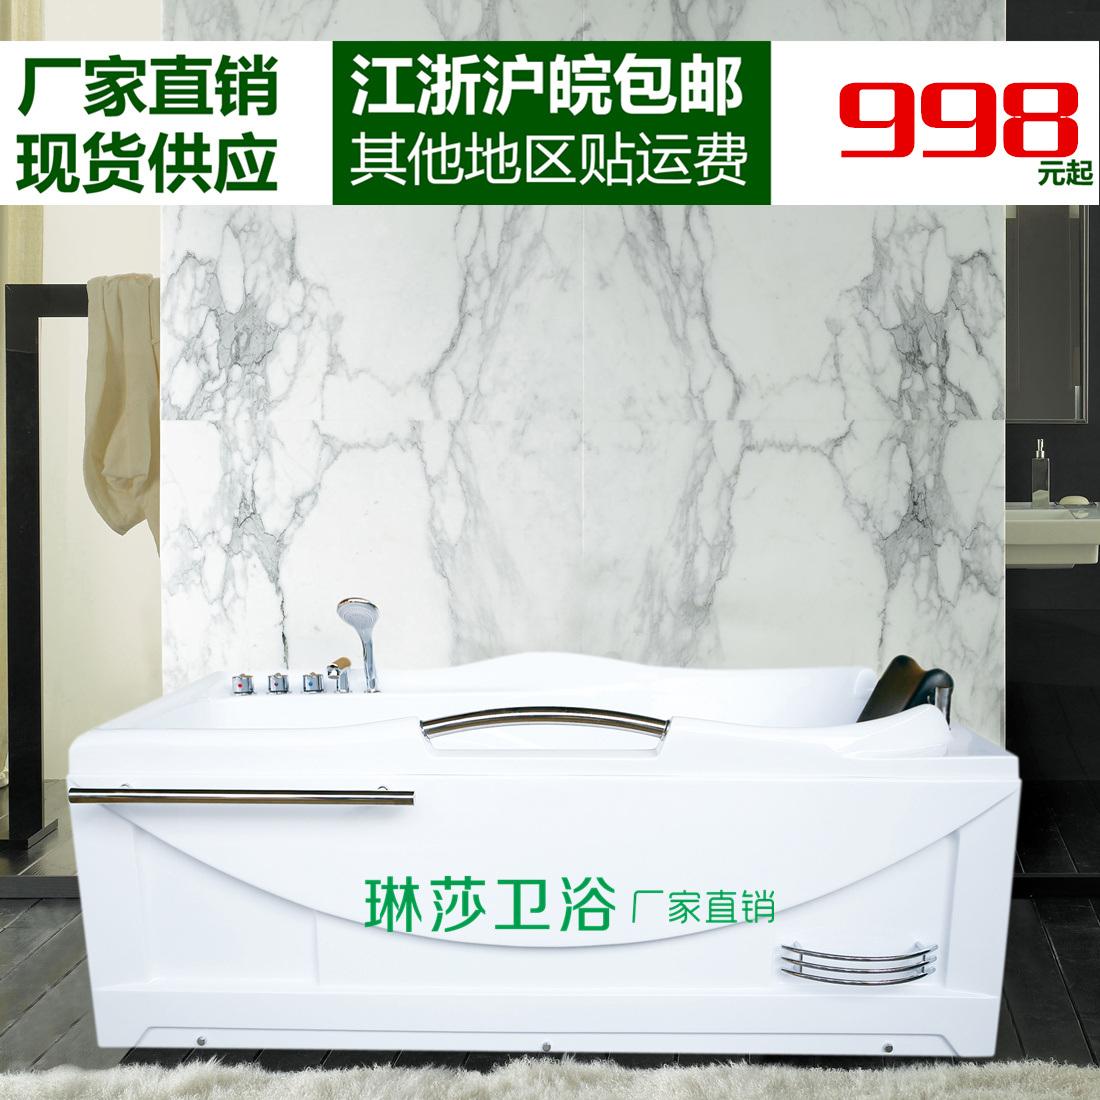 阿涛铸铁贵妃浴缸 1米4/1米5/1米6/1米7/独立卫生间浴缸 洗澡缸